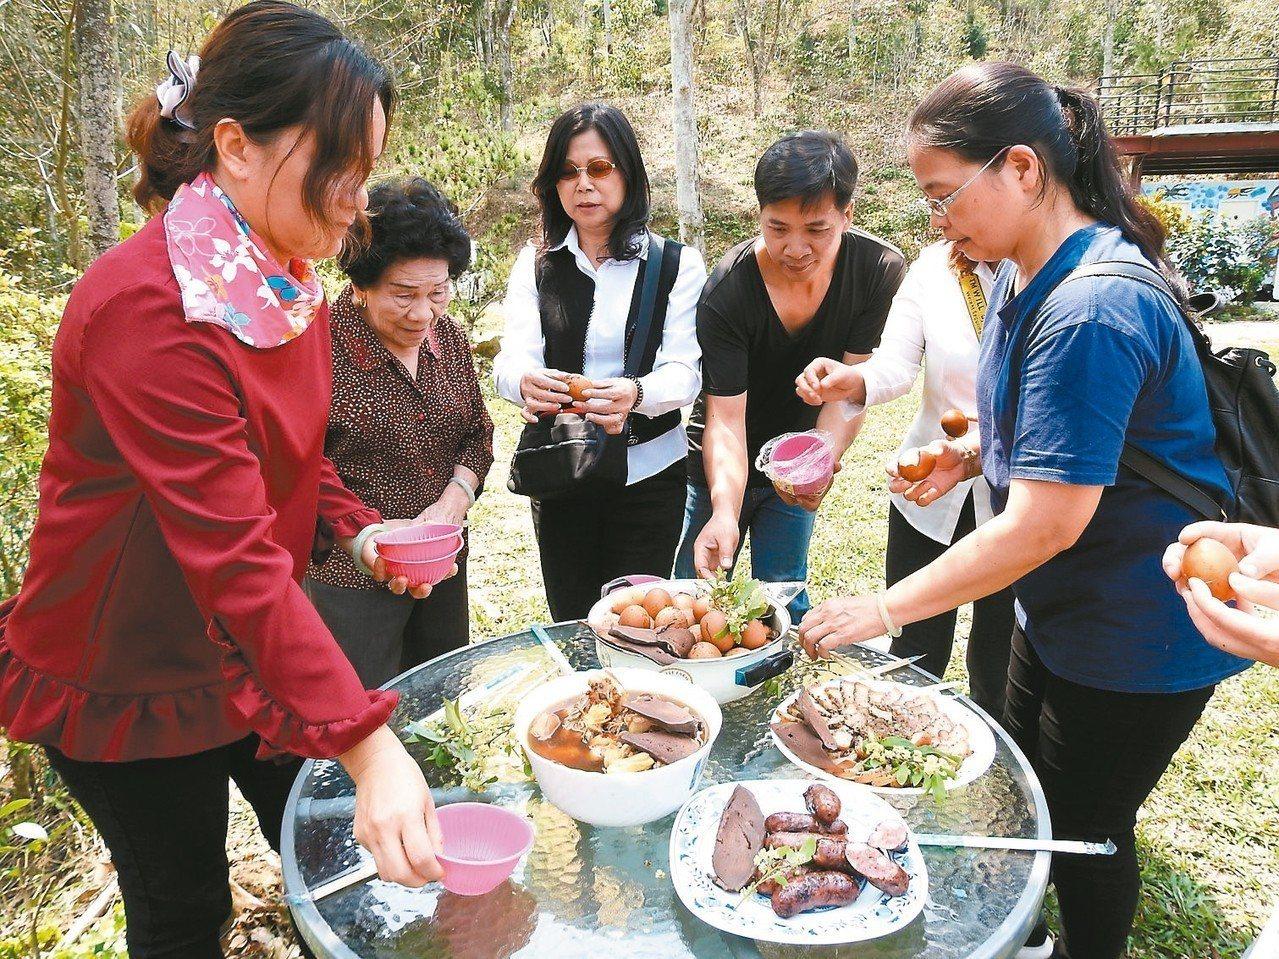 國姓鄉鹿農將當地生產的鹿茸搭配台灣原生種「山胡椒」,研發多種鹿茸馬告口味料理。 ...